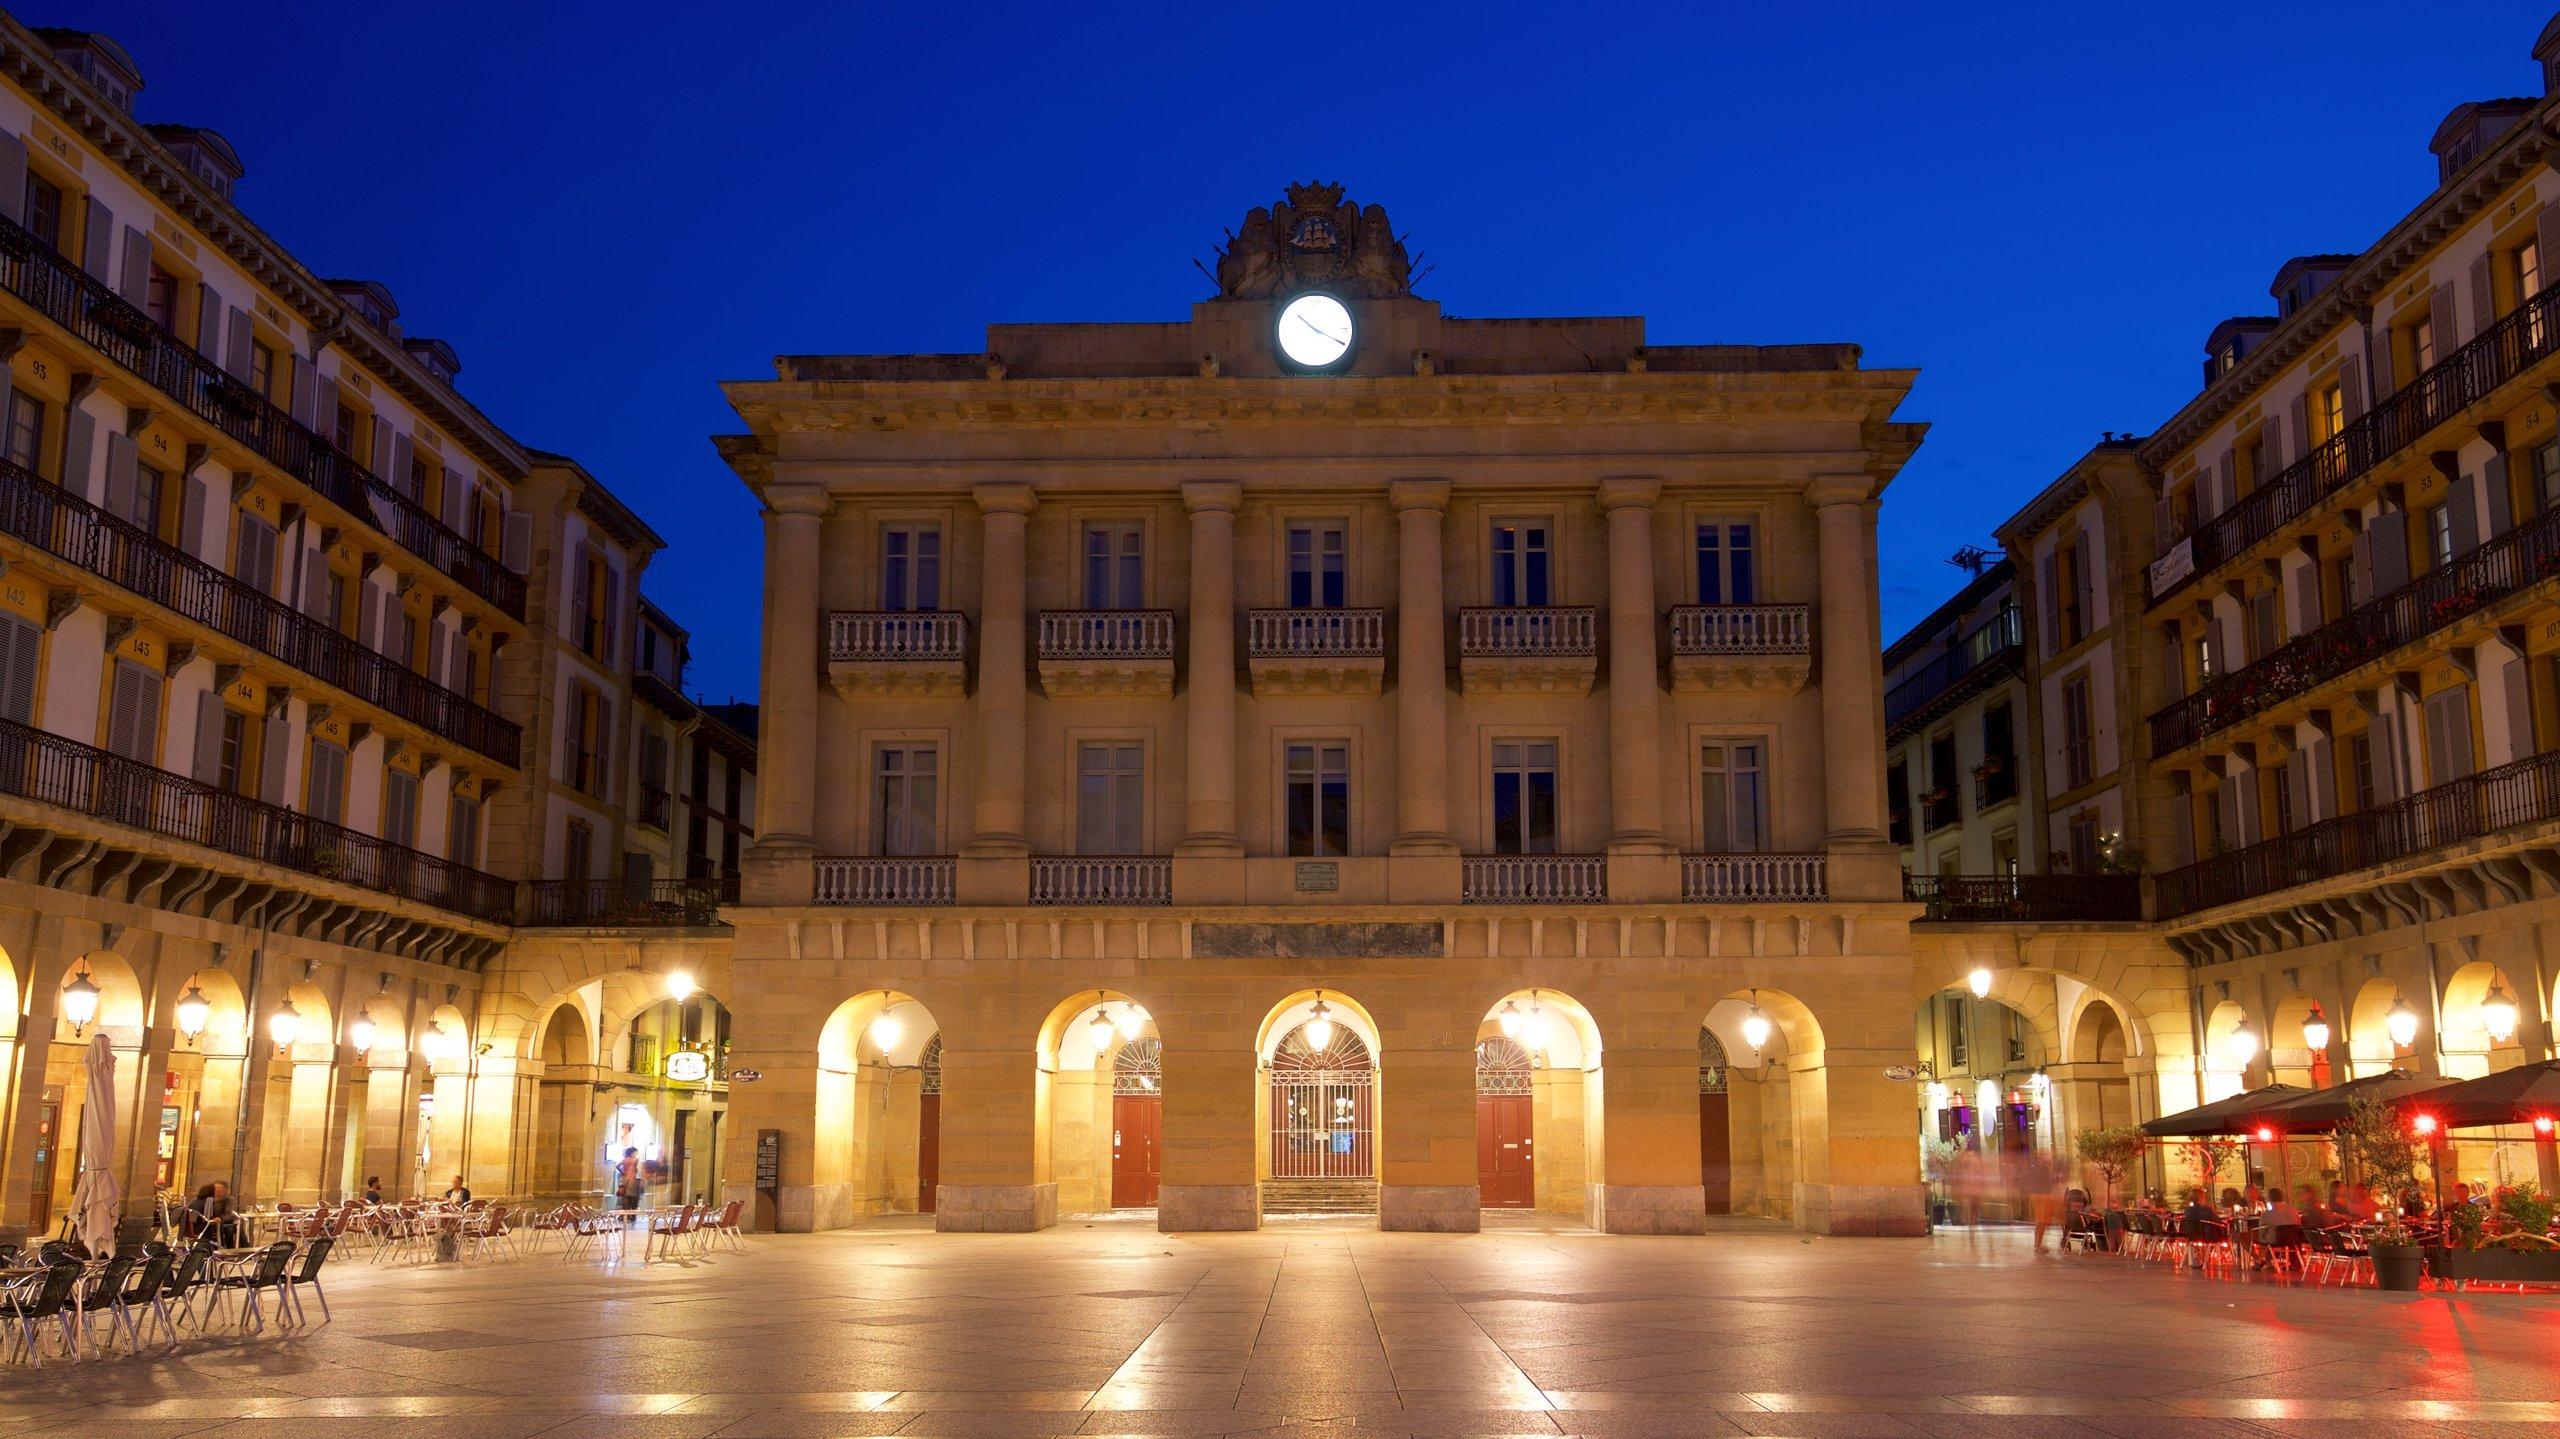 Plaza de la Constitución, San Sebastián, Baskenland, Spanien